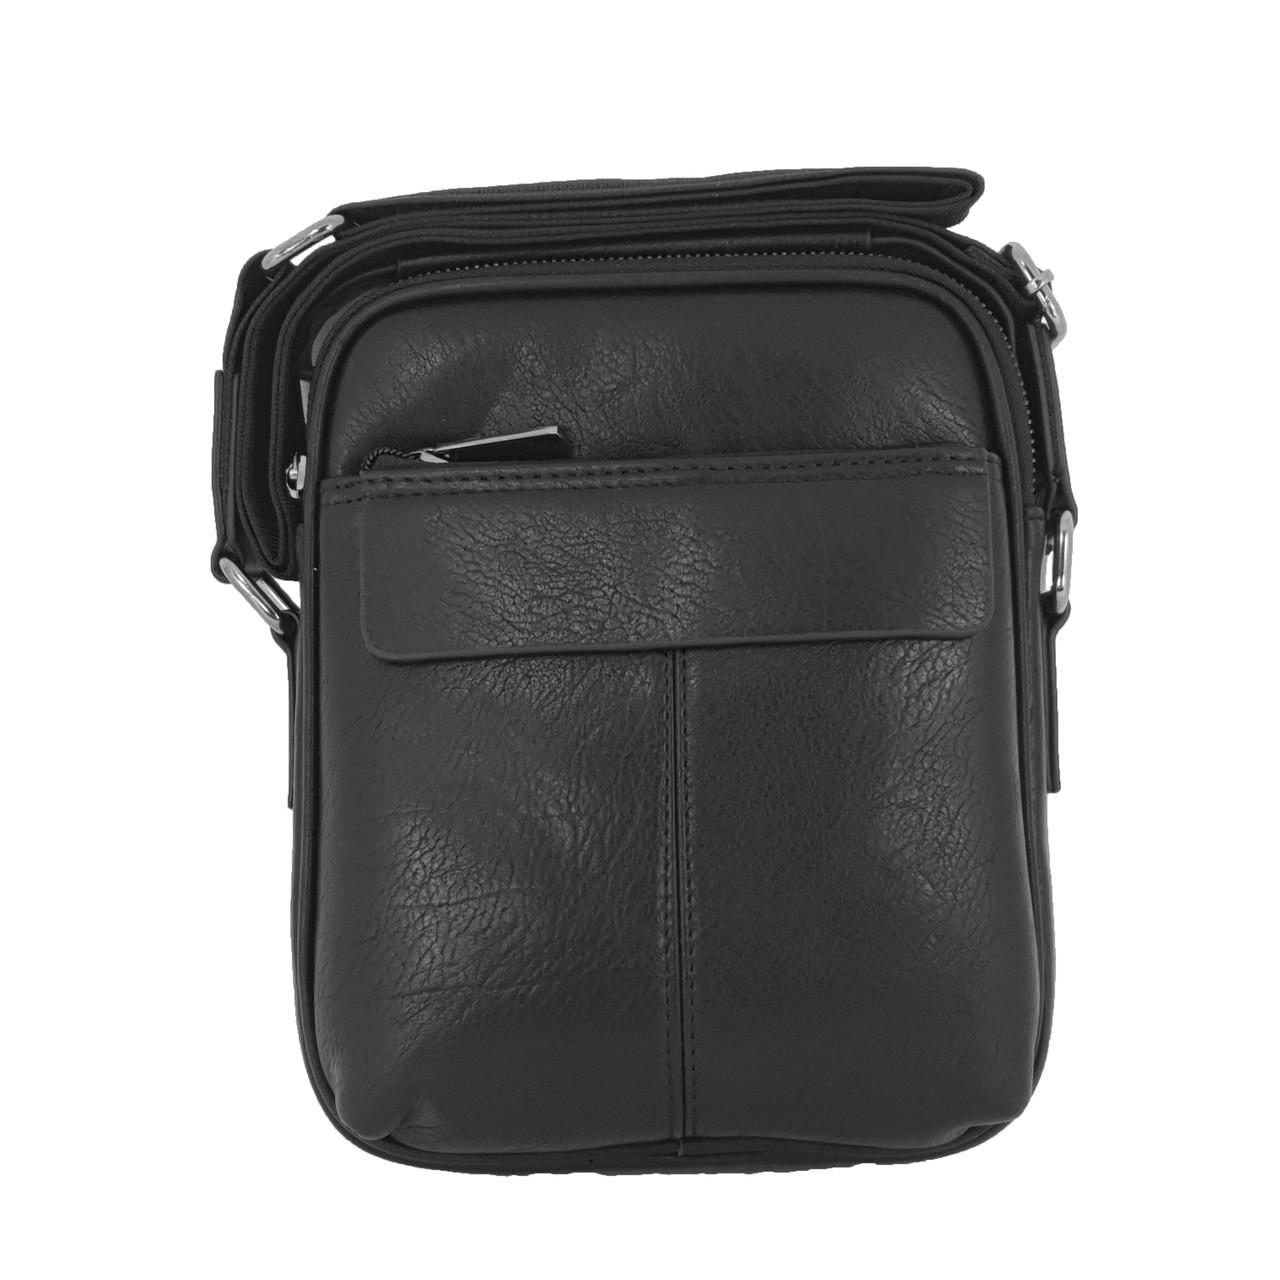 Многосекционная сумка с ручкой из экокожи